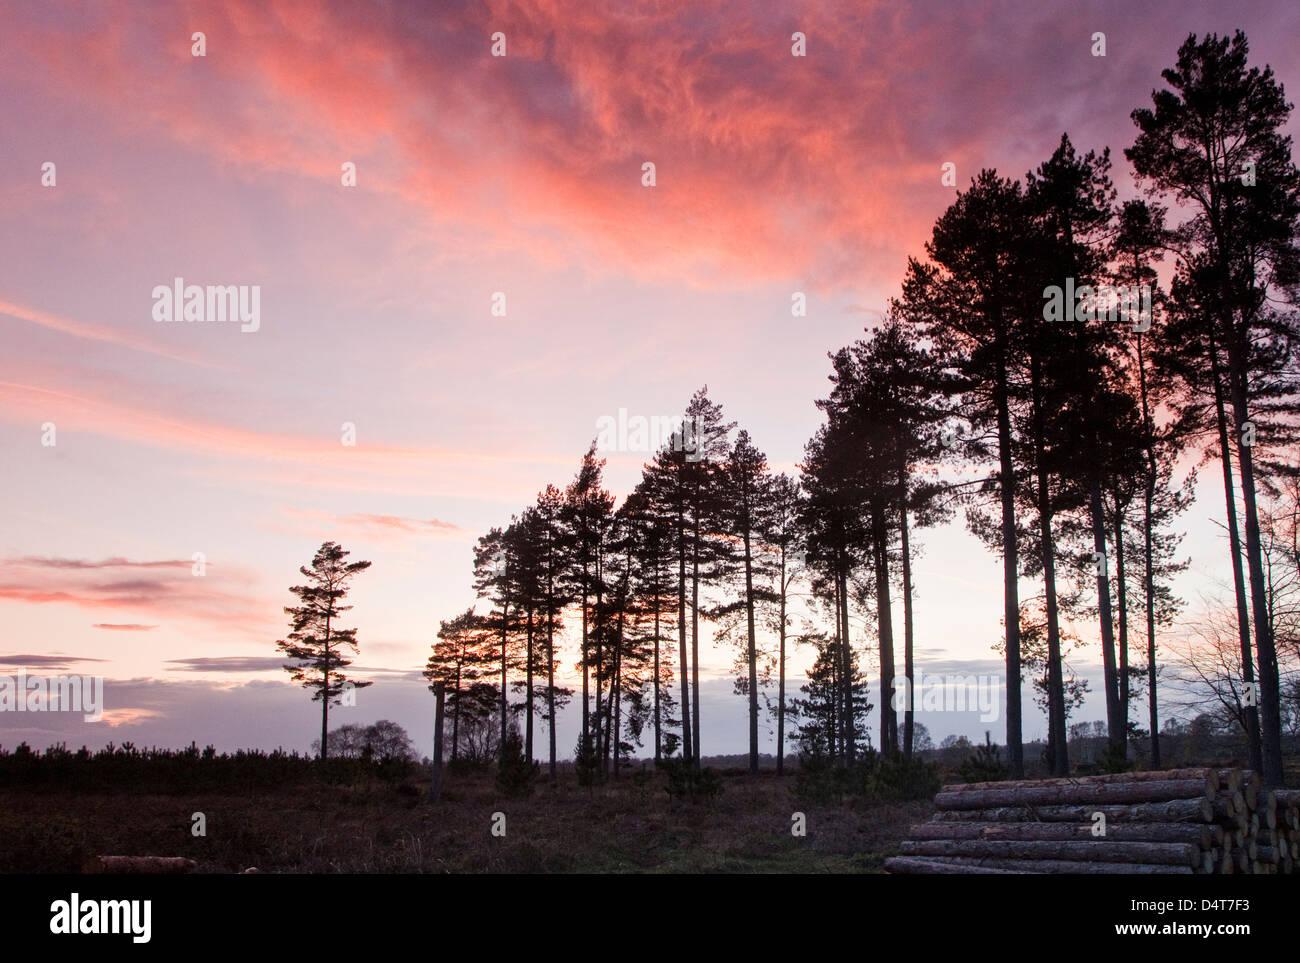 Al crepuscolo o tramonto su Cannock Chase Area di eccezionale bellezza naturale in primavera Engalnd Staffordshire Immagini Stock